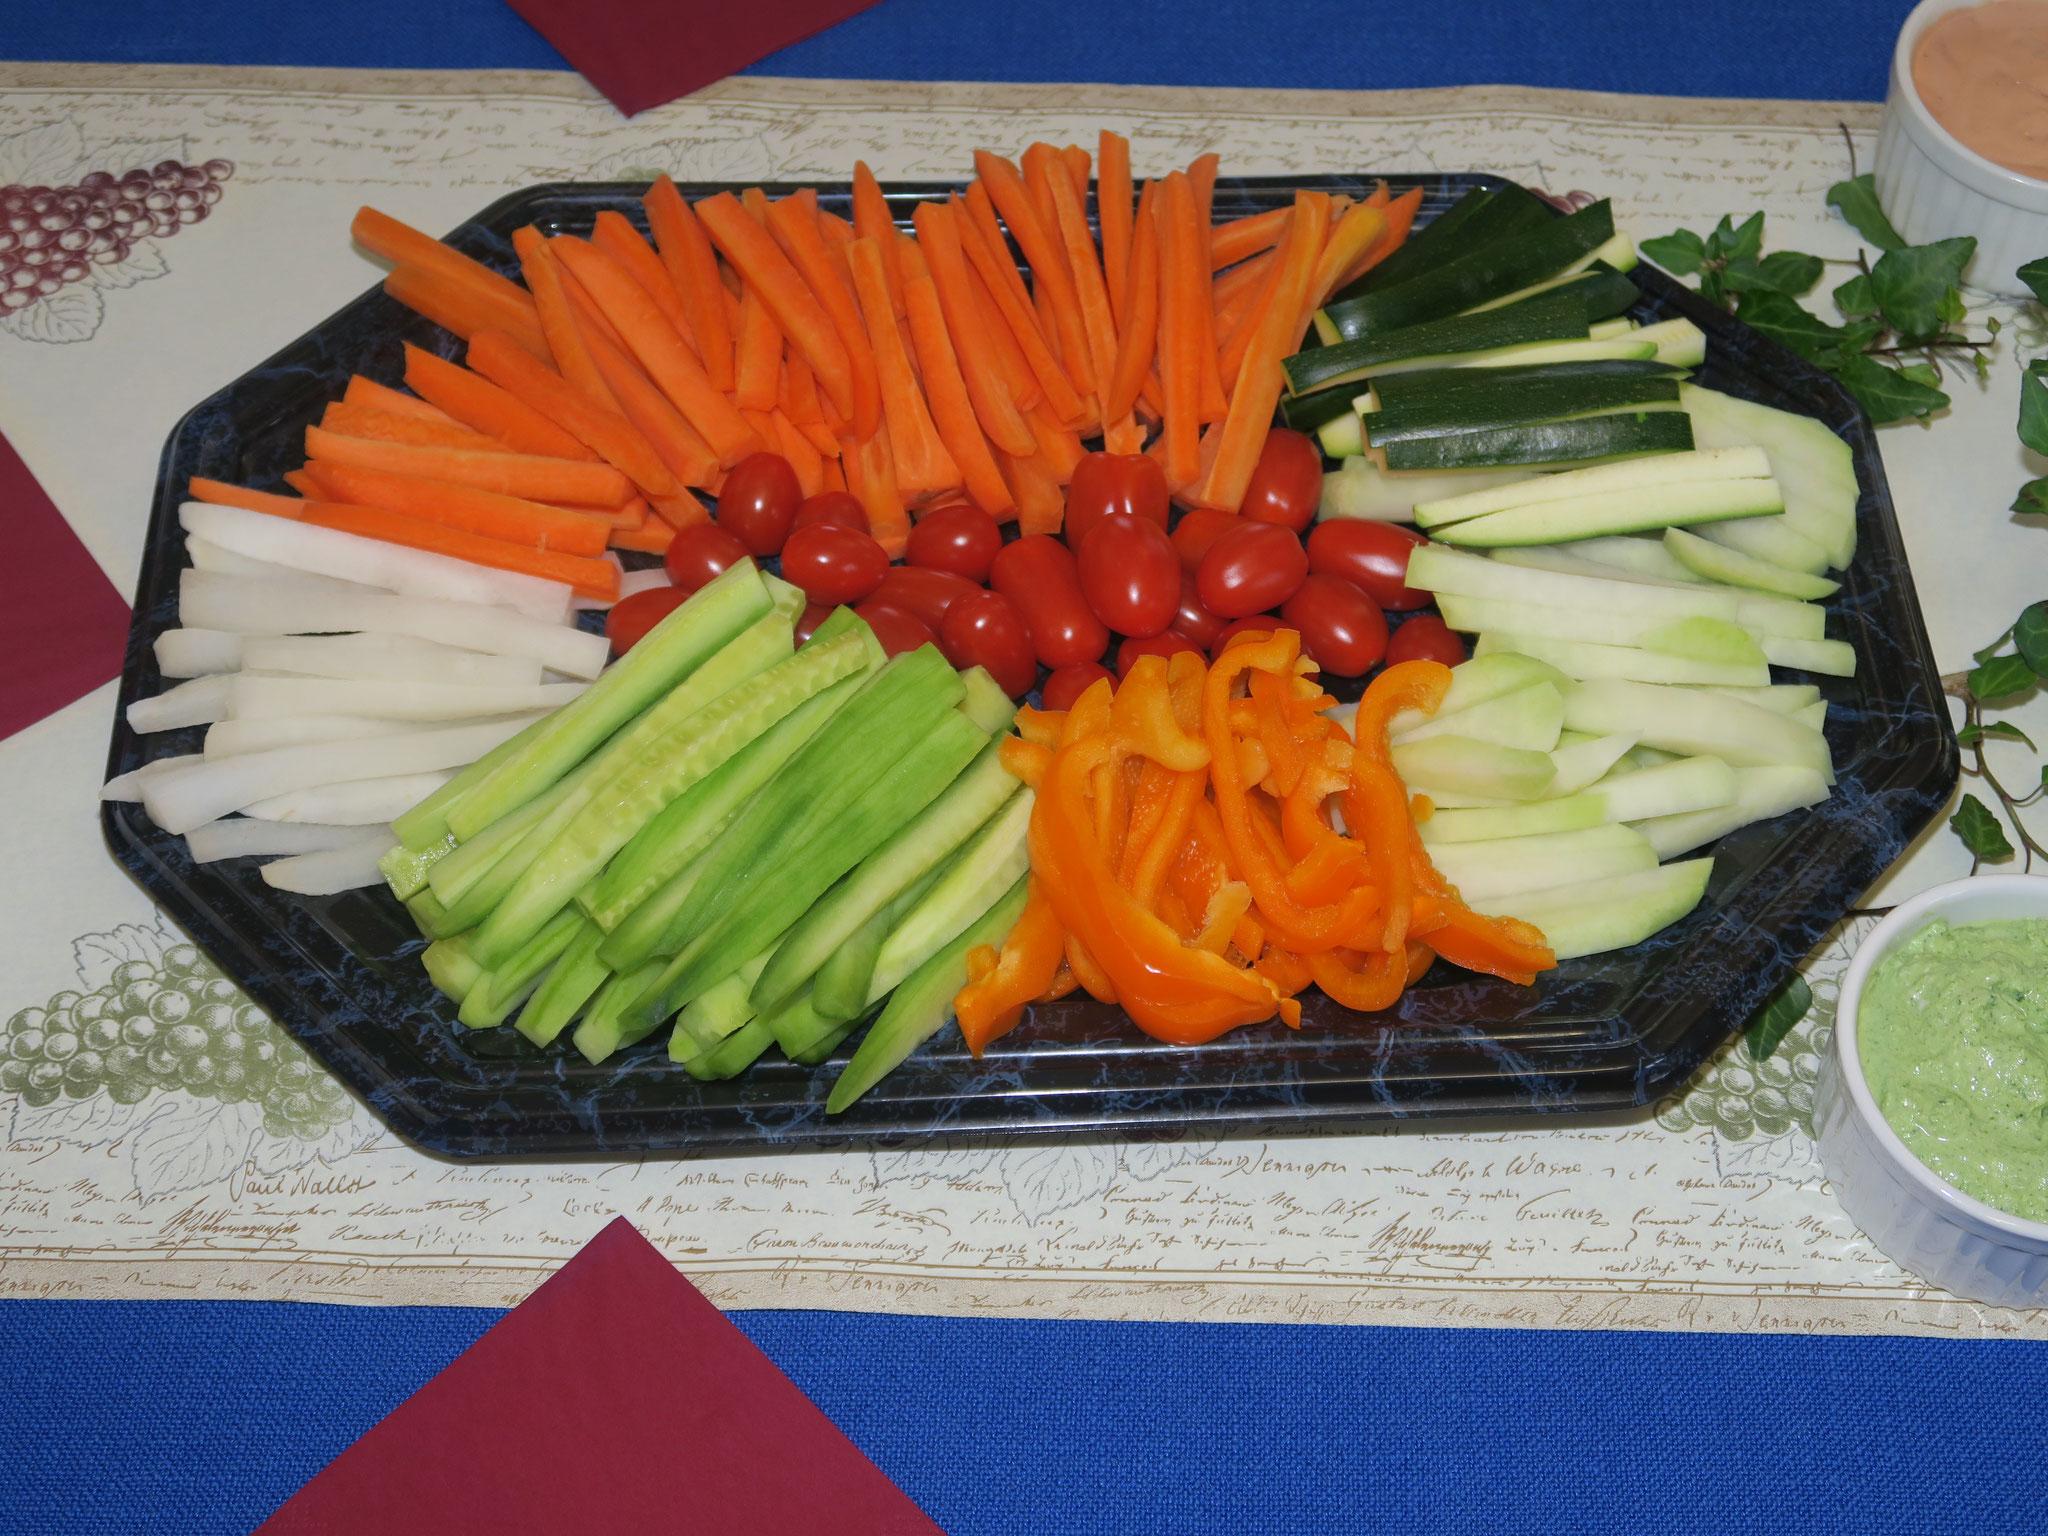 Die Gemüse-Dip mit feinen Saucen finden grossen Anklang.